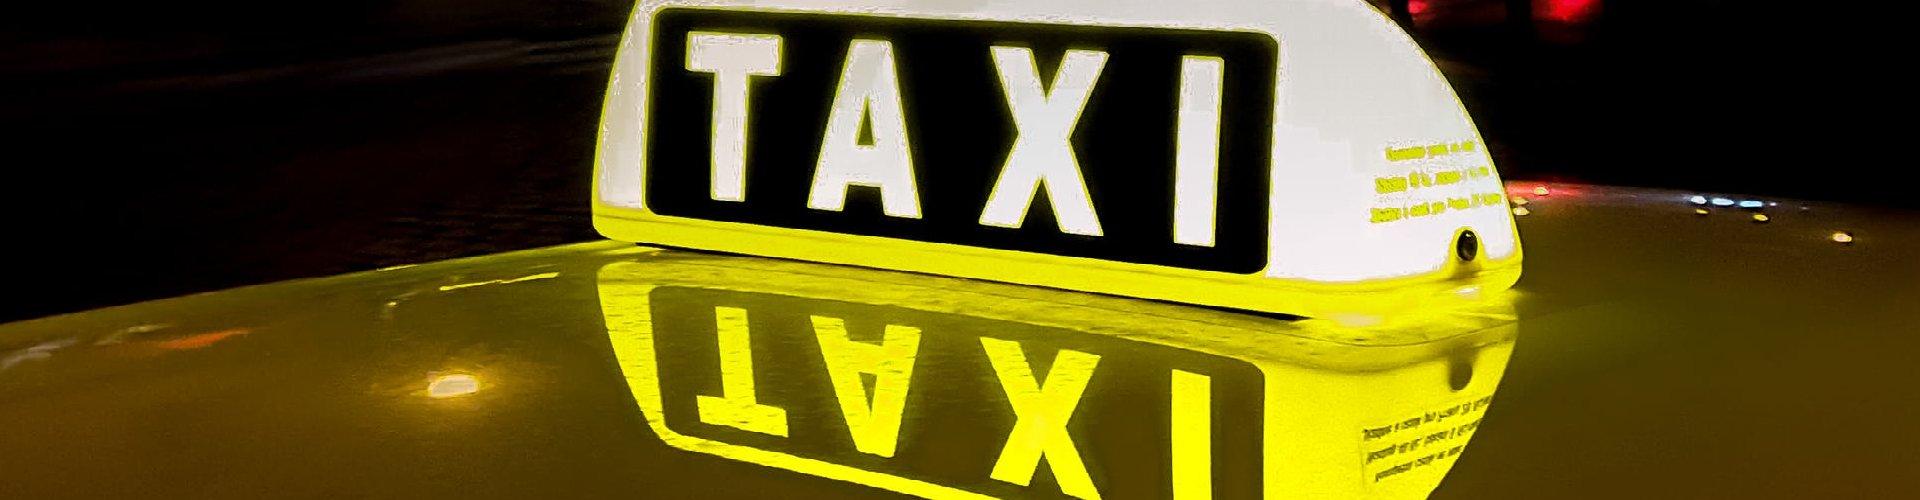 Oznaka za taxi vozilo